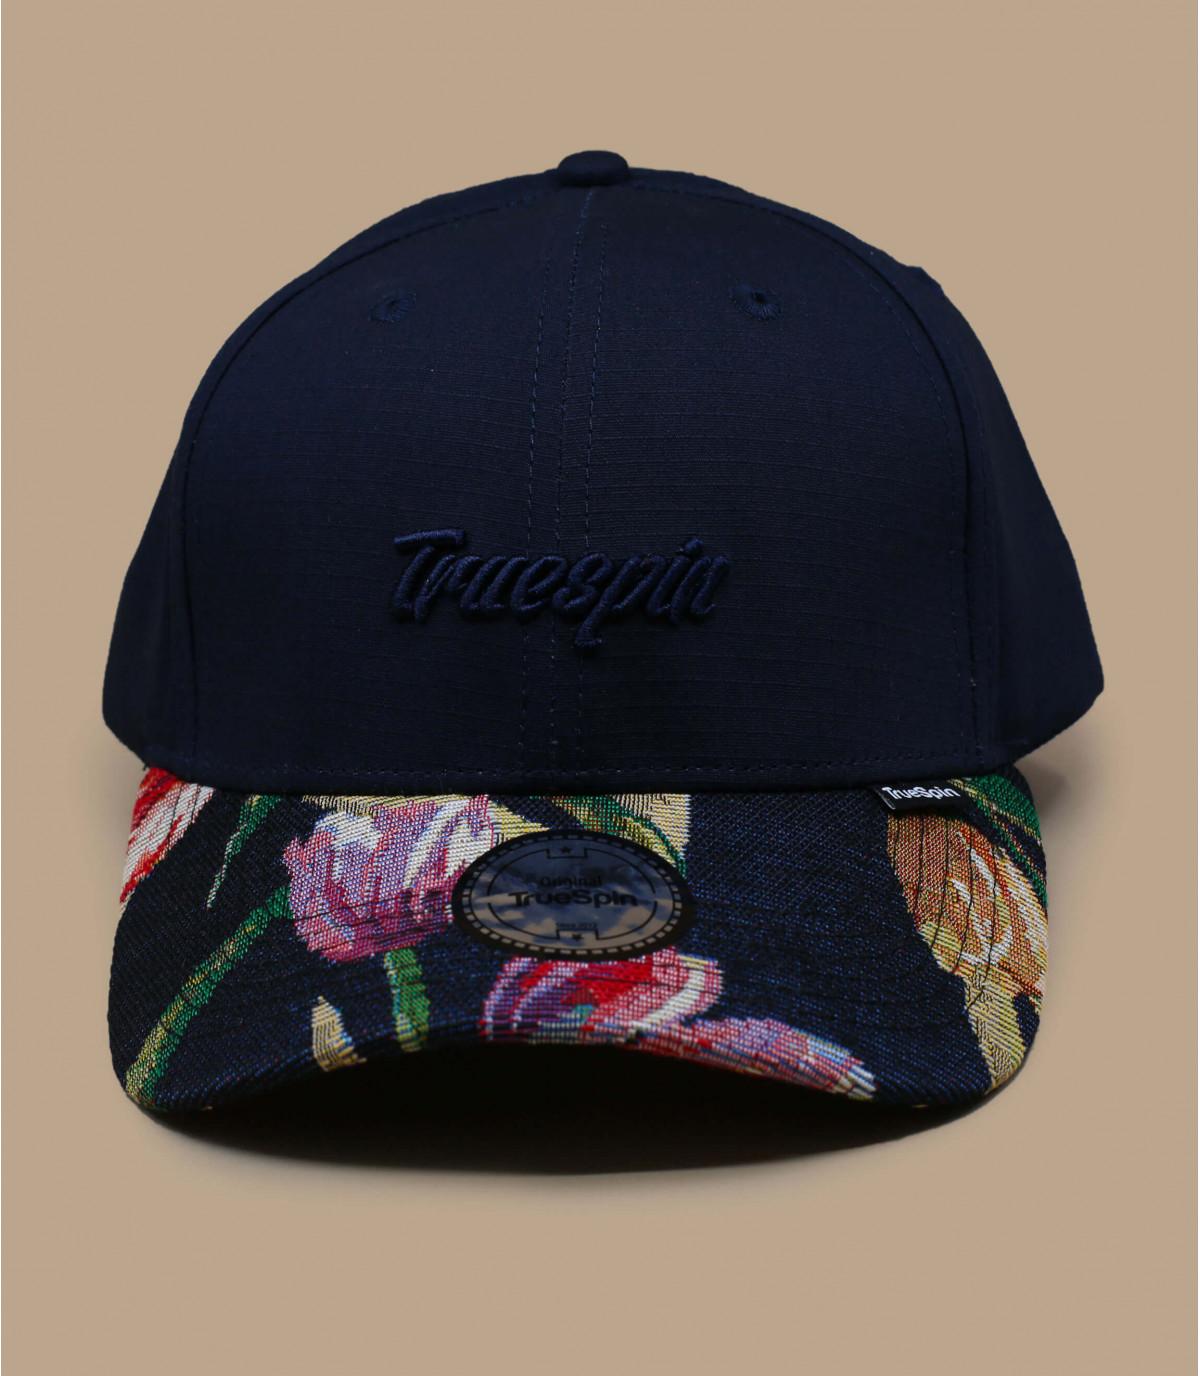 berretto blu navy con visiera a fiori